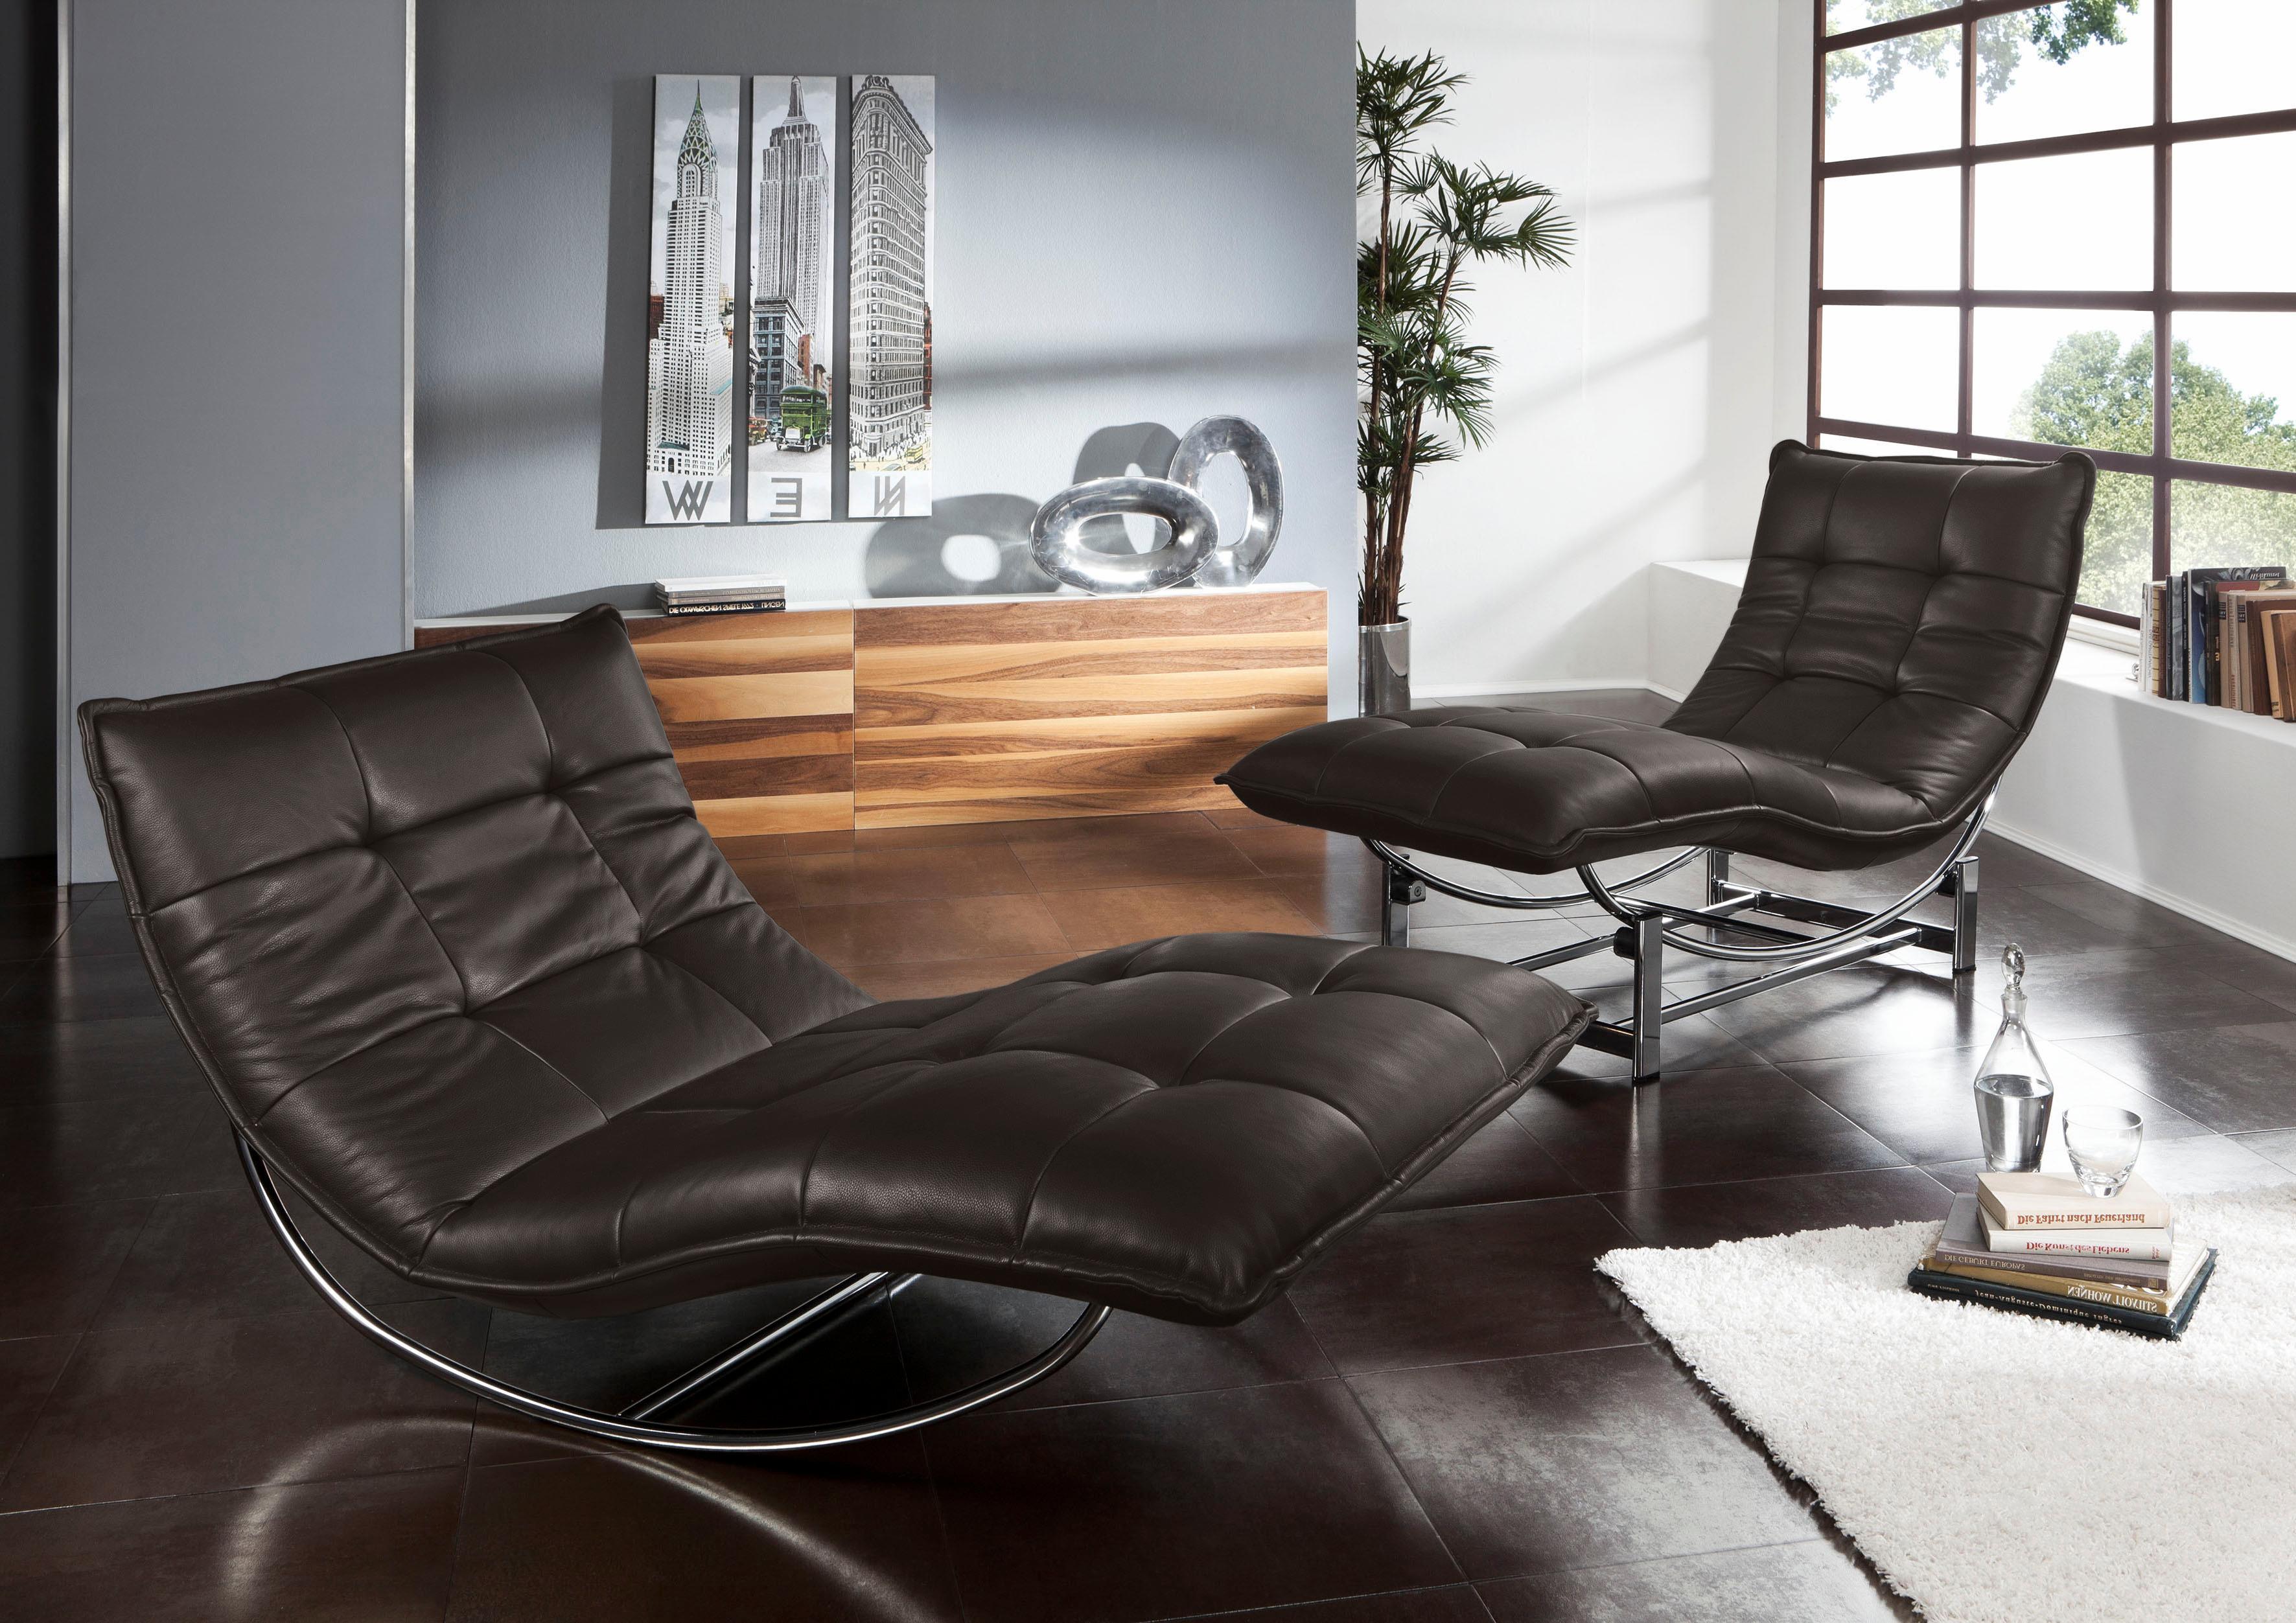 W.SCHILLIG Relaxliege woow, mit Kopfteilverstellung, in 3 Breiten, designed günstig online kaufen